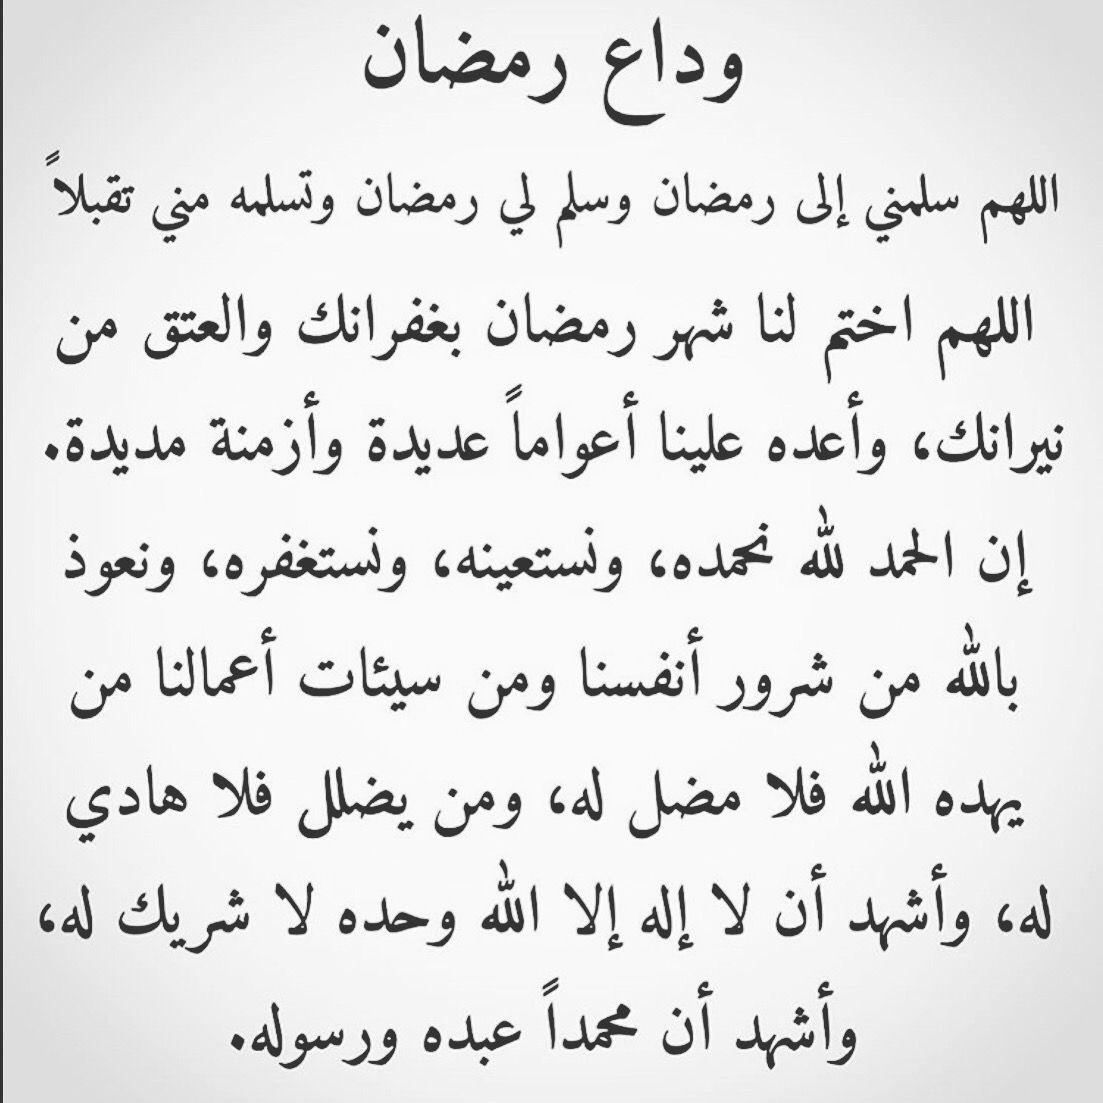 دعاء وداع رمضان